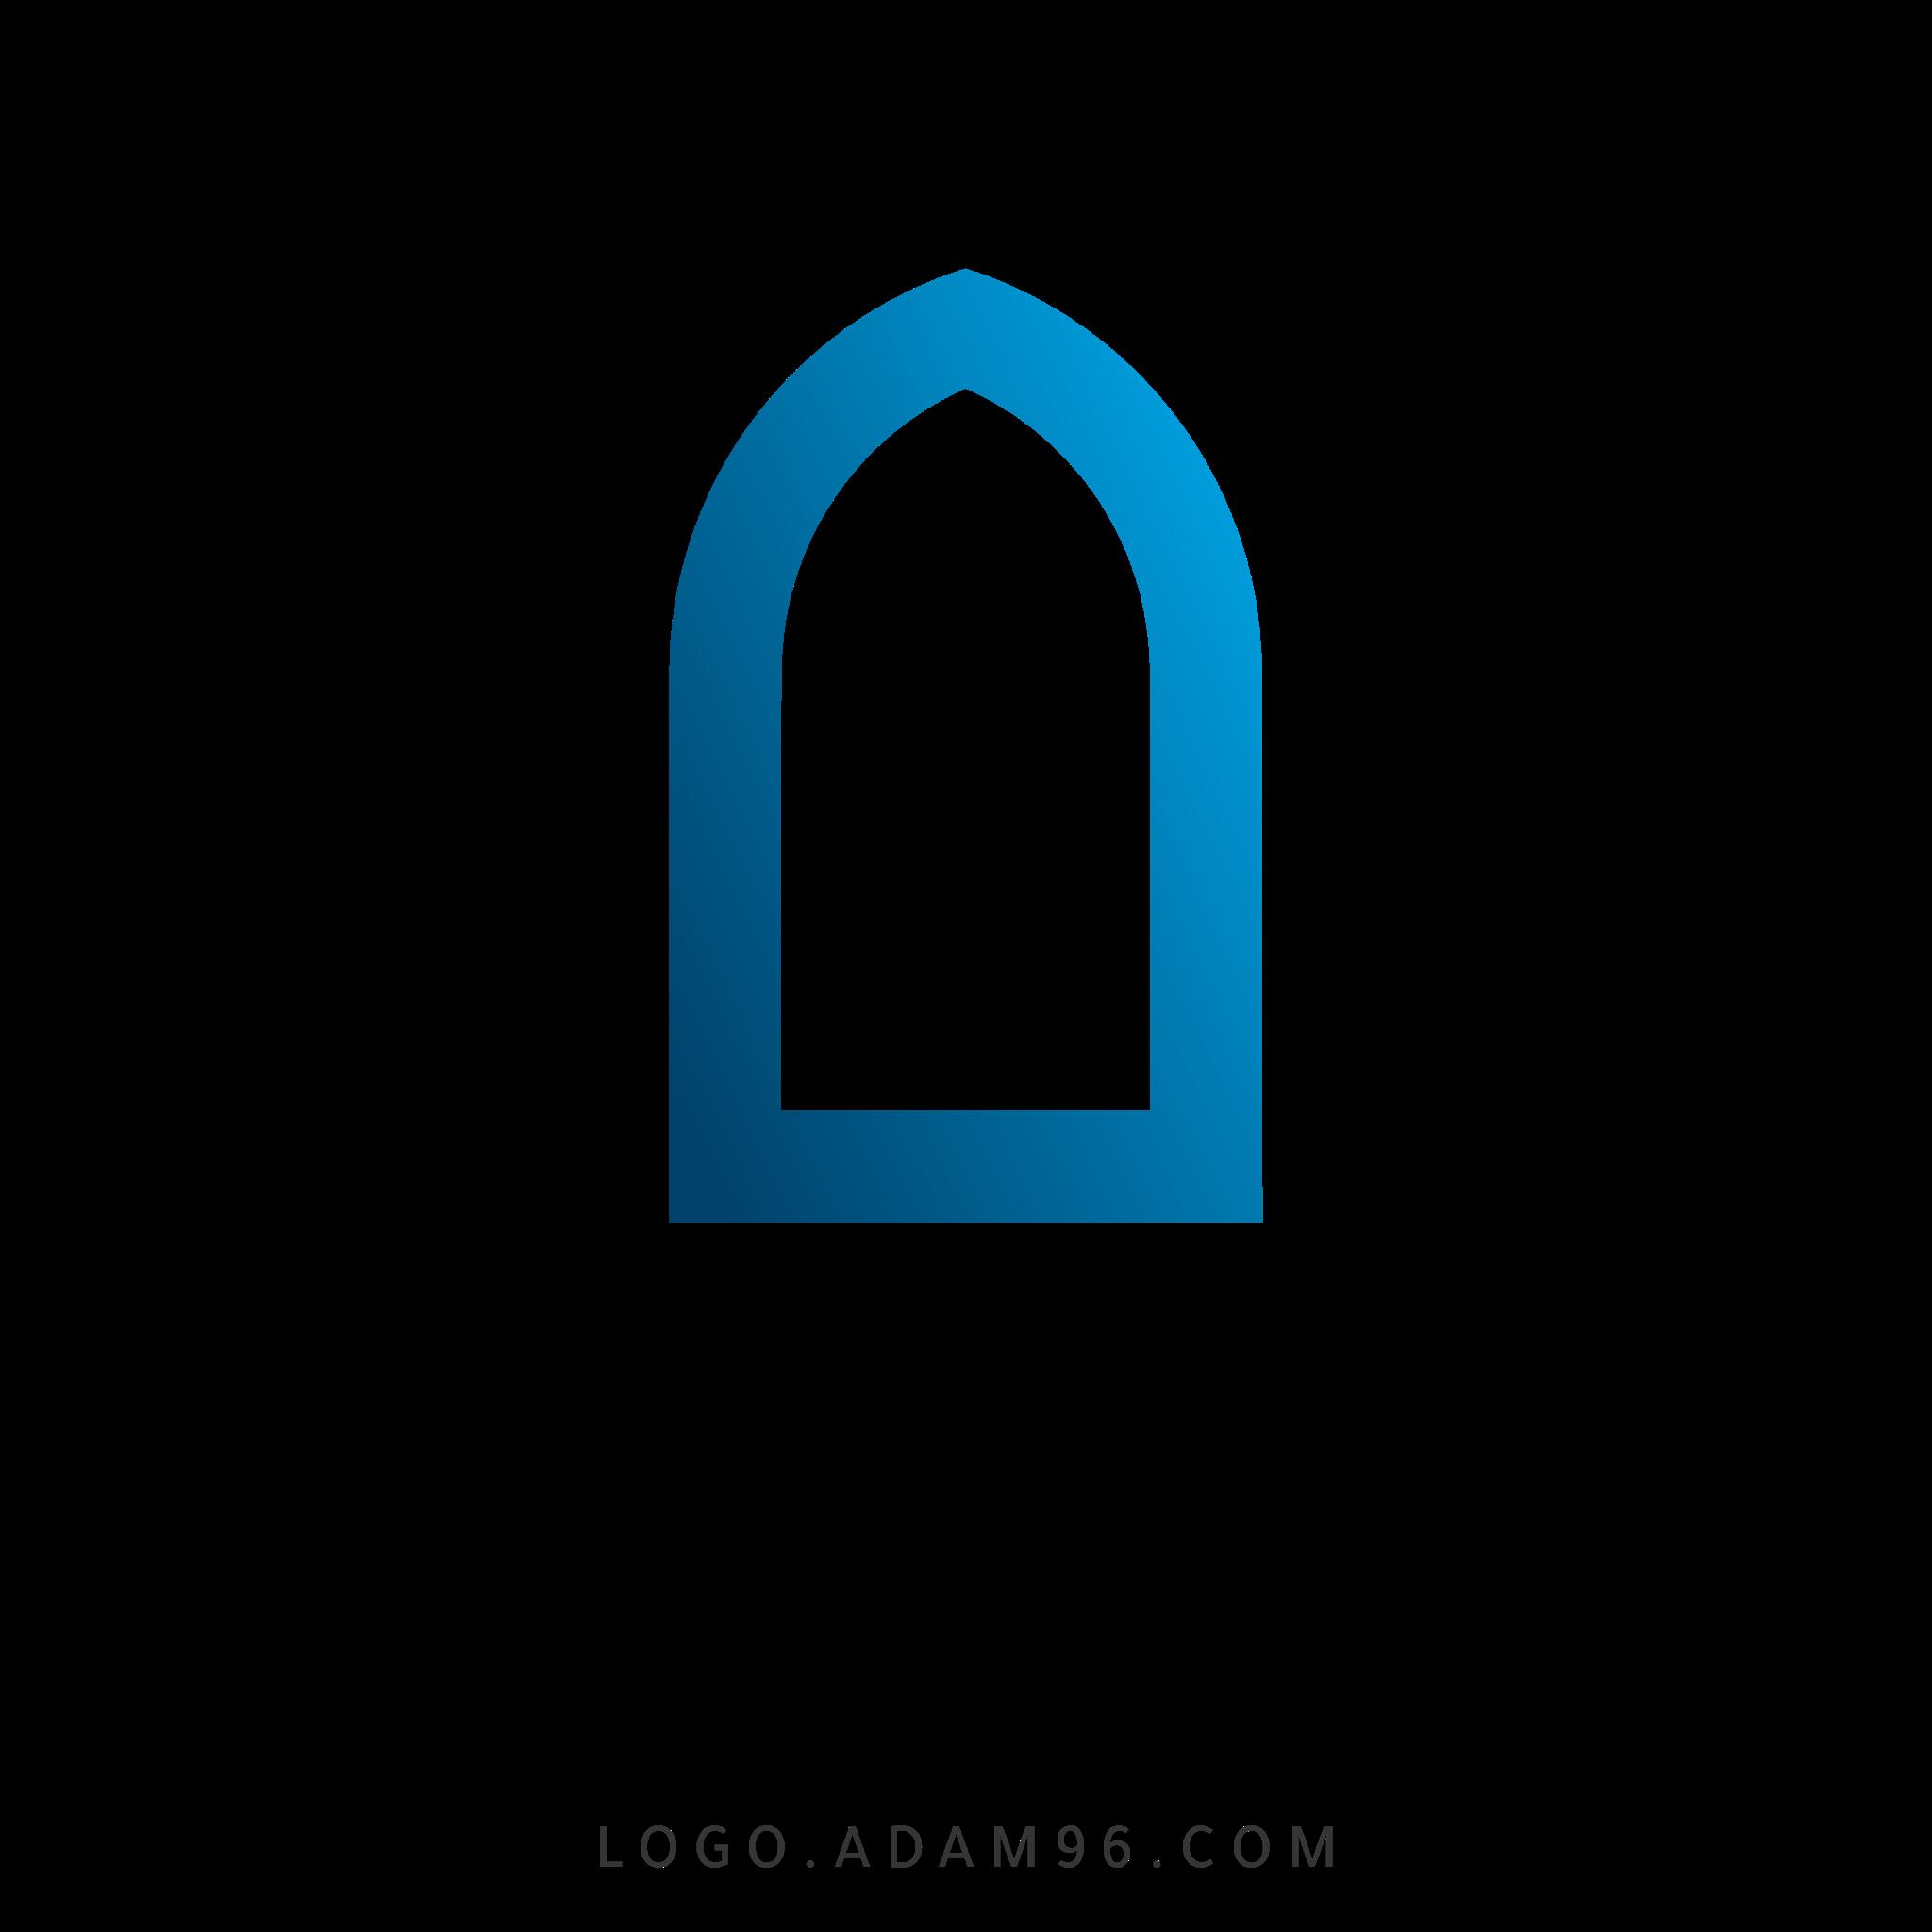 تحميل شعار دار التمويل لوجو رسمي عالي الجودة بصيغة PNG